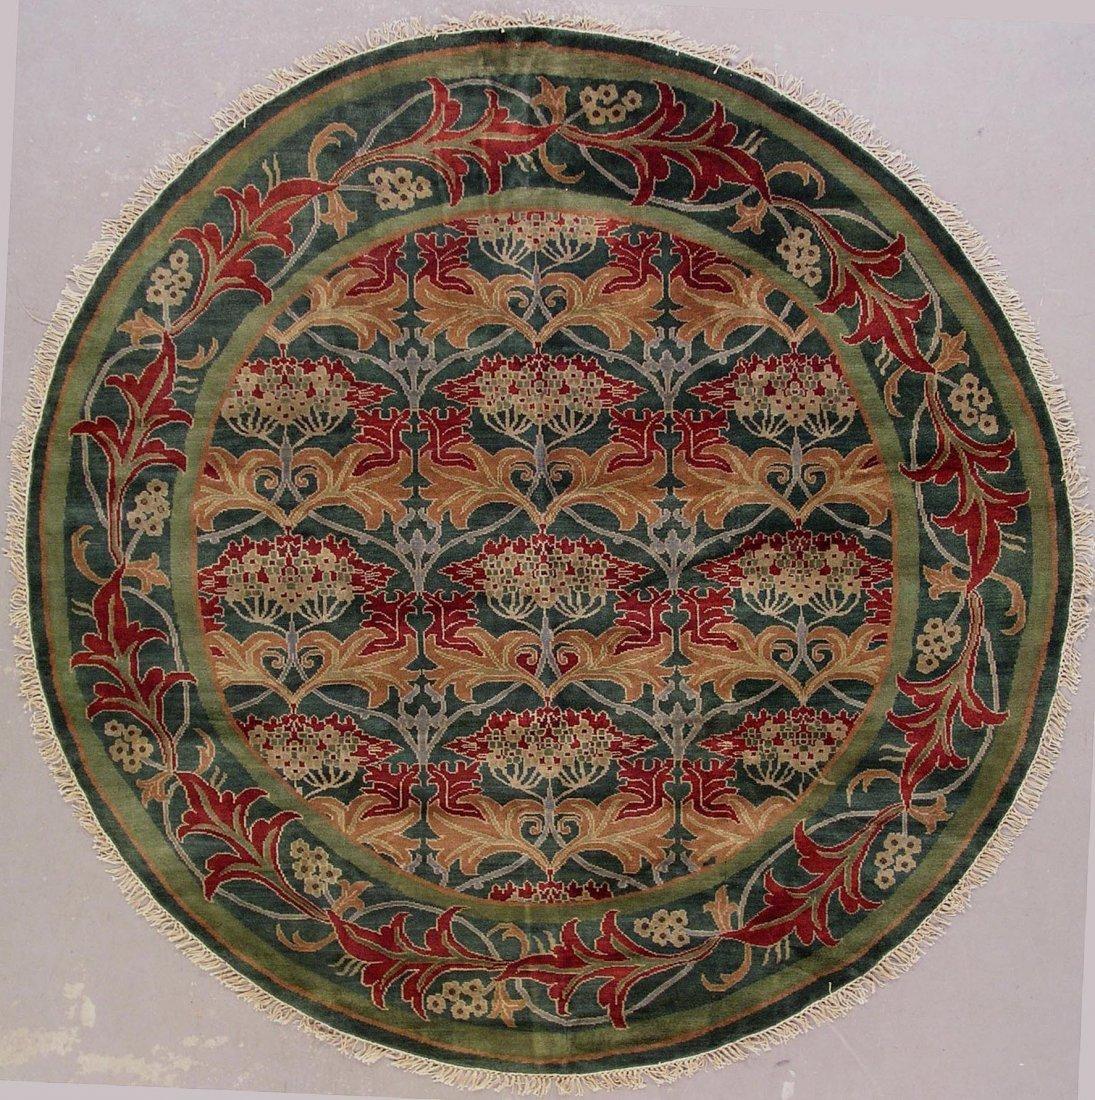 102: 14x14 ROUND SIGNED WILLIAM MORRIS ART & CRAFT RUG